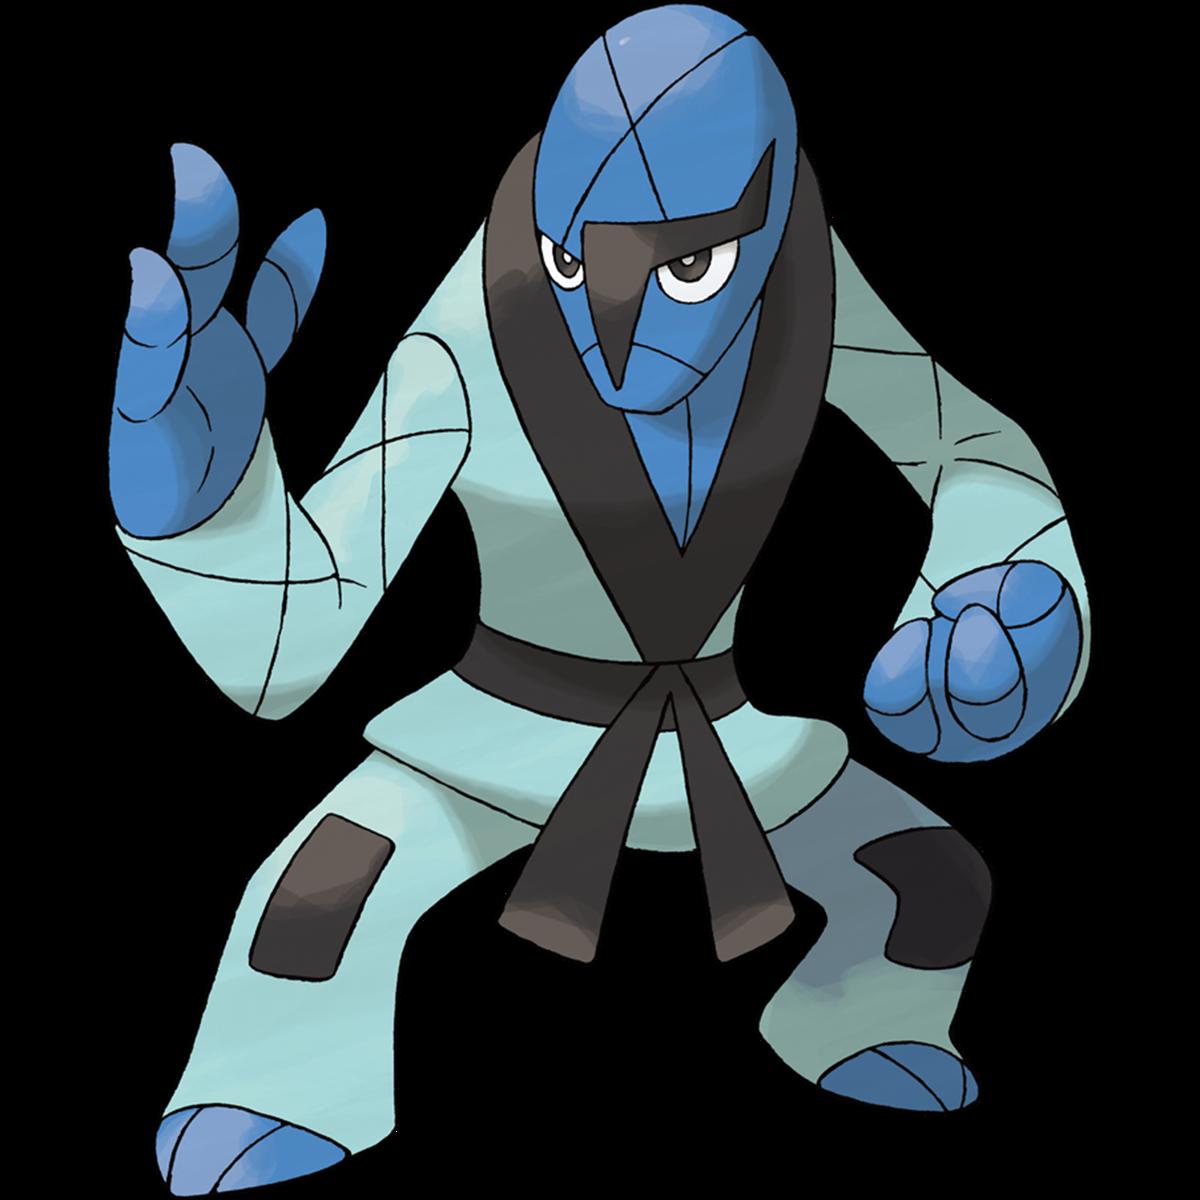 Sawk es exclusivo de Pokémon Sword